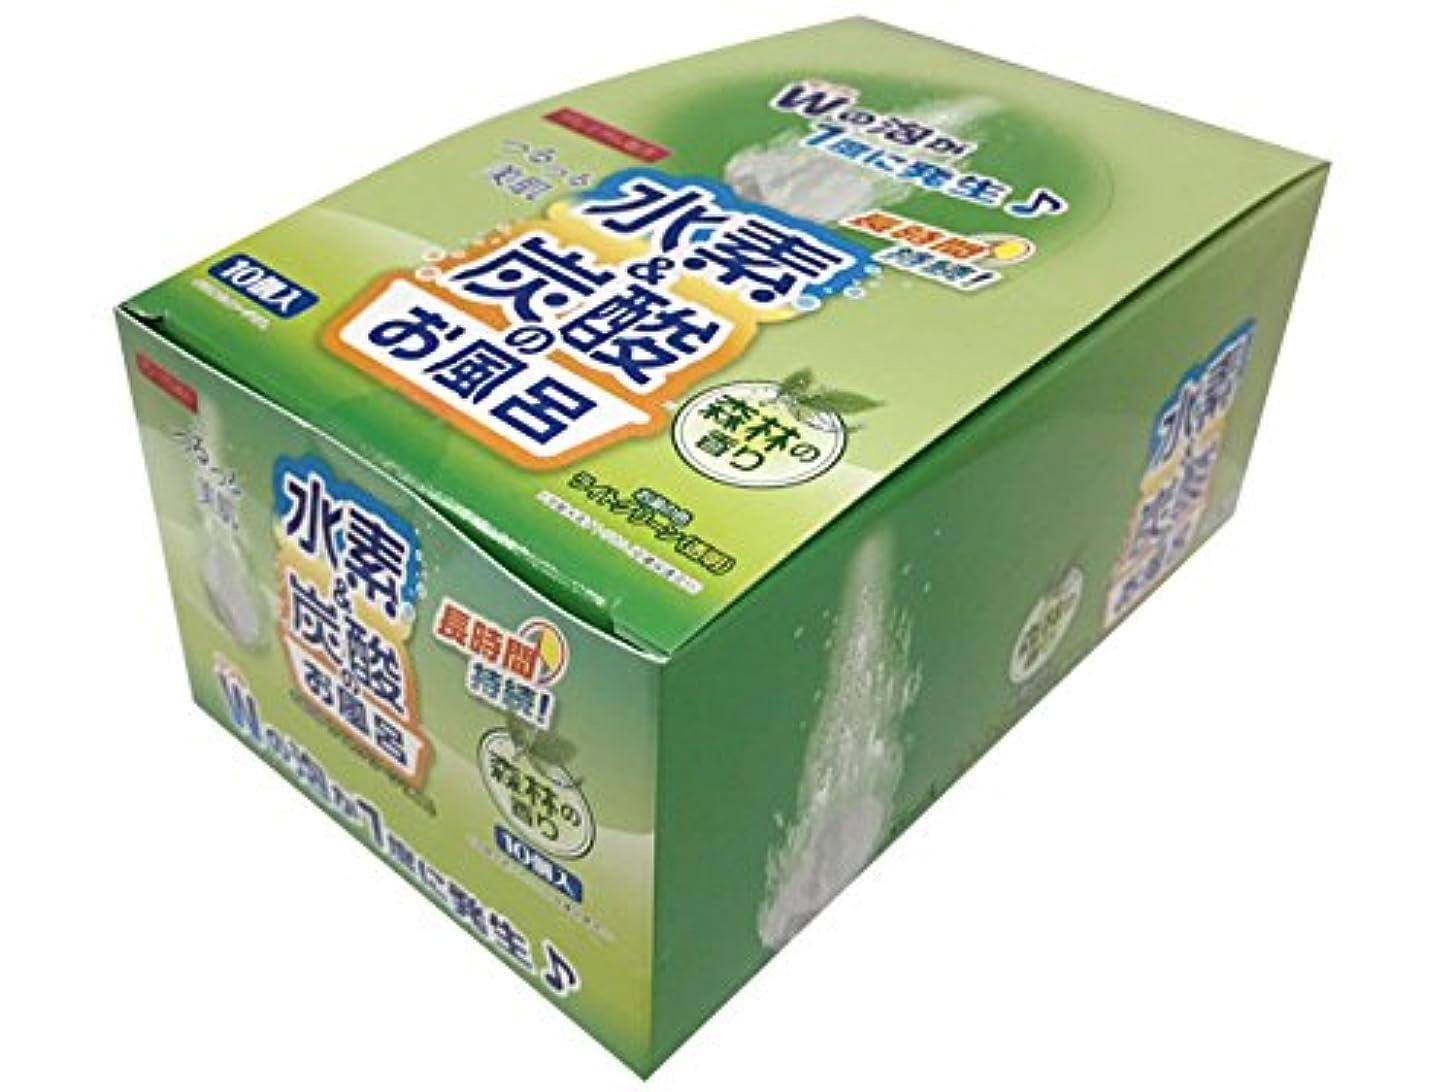 エールステートメント色水素&炭酸のお風呂 (森林)